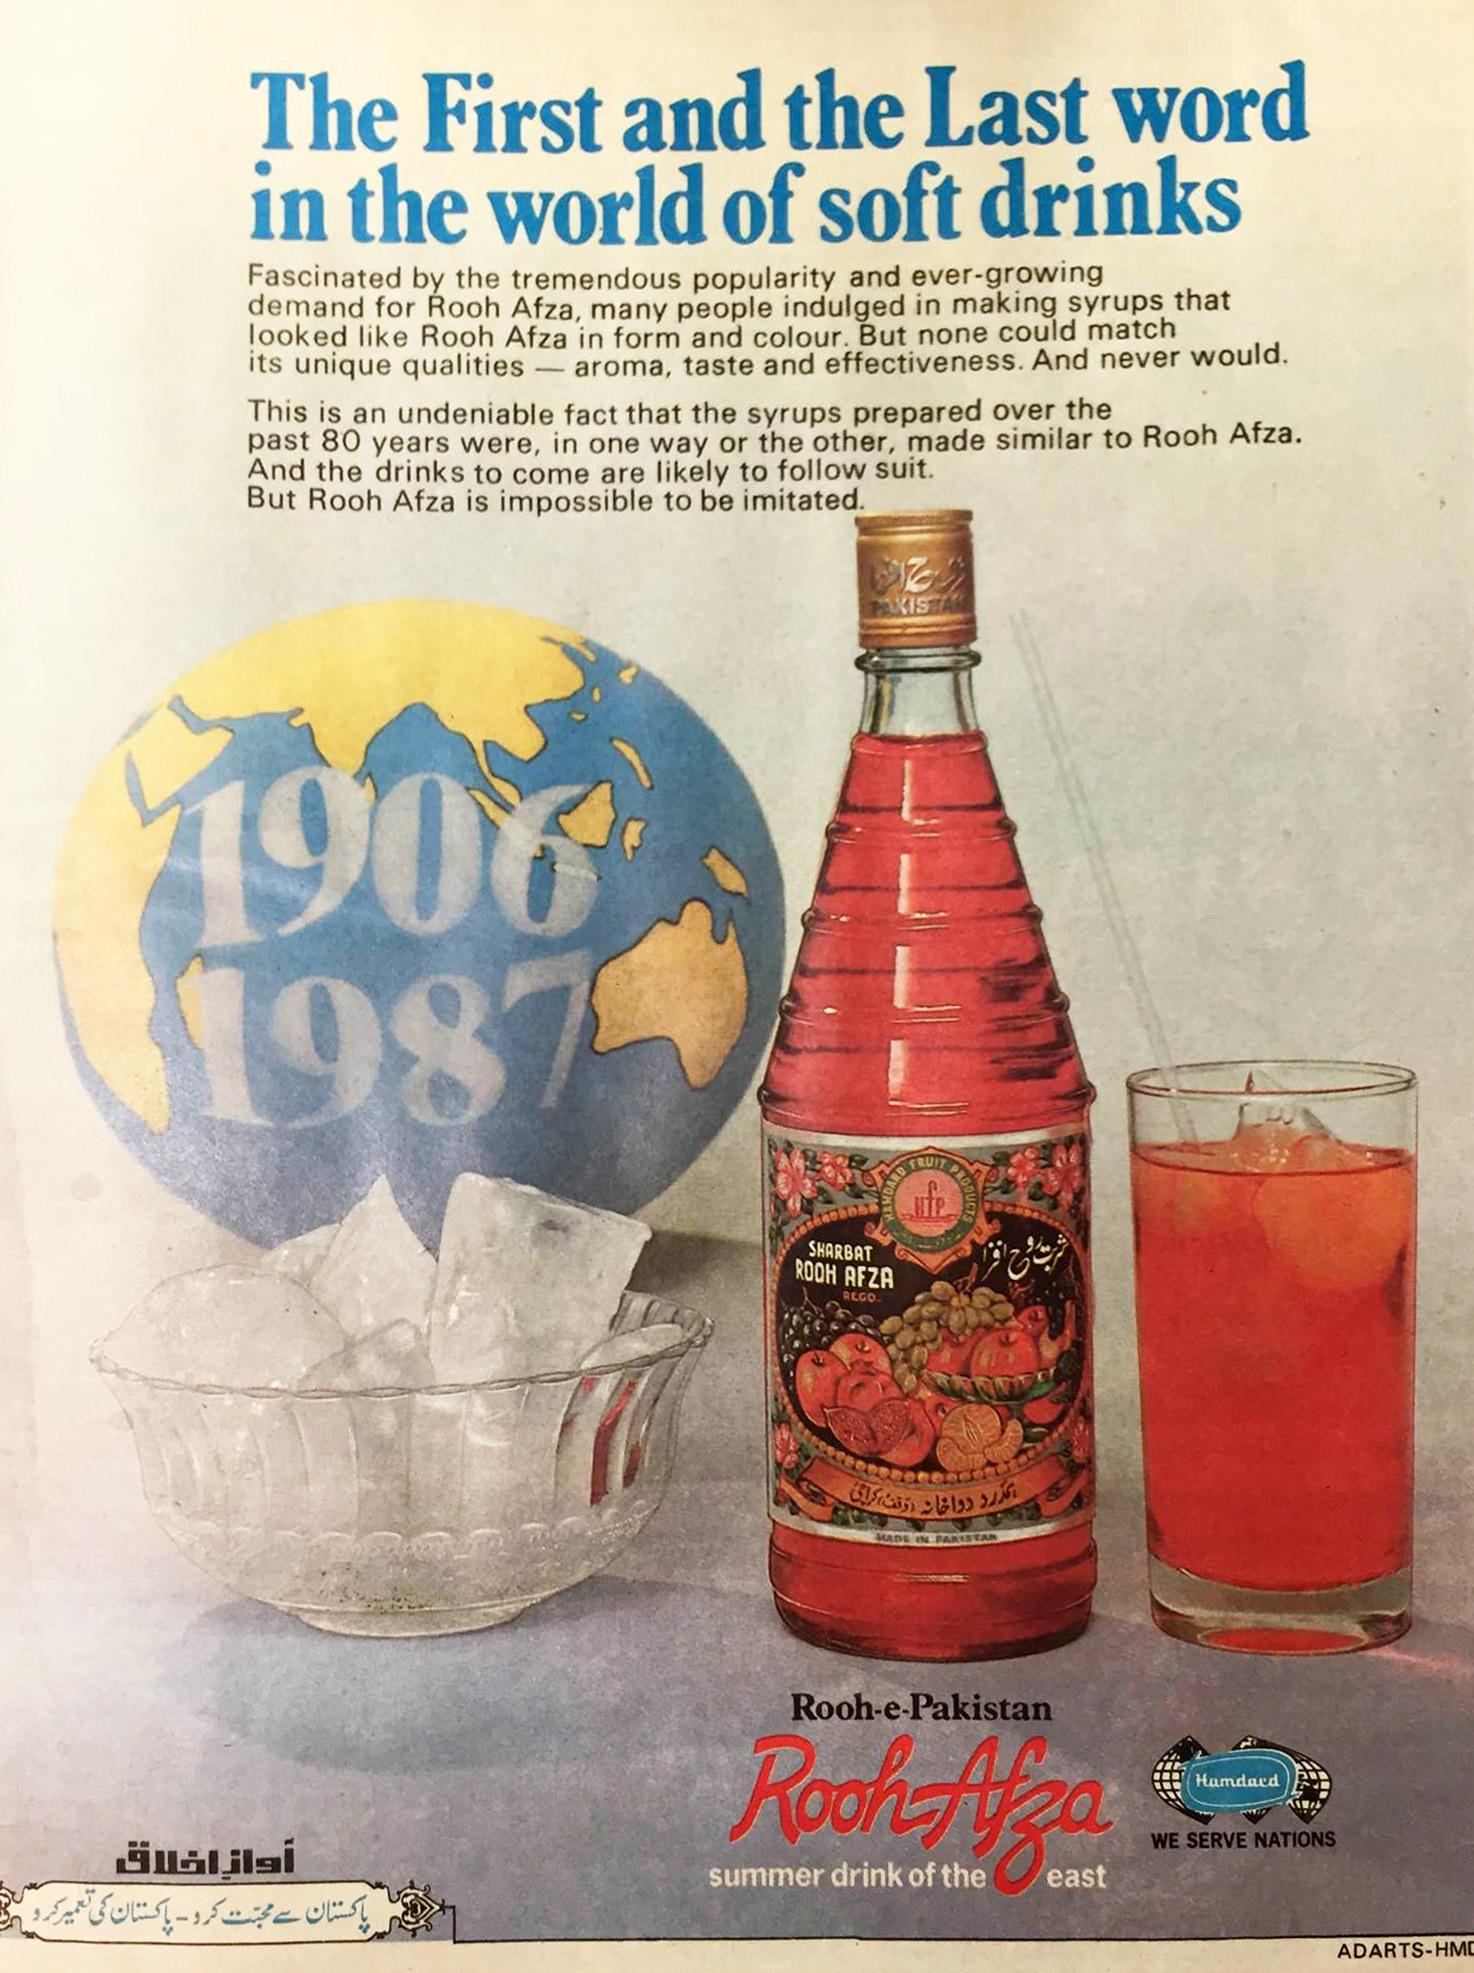 1987 میں شایع ہونے والا روح افزا کا اشتہار